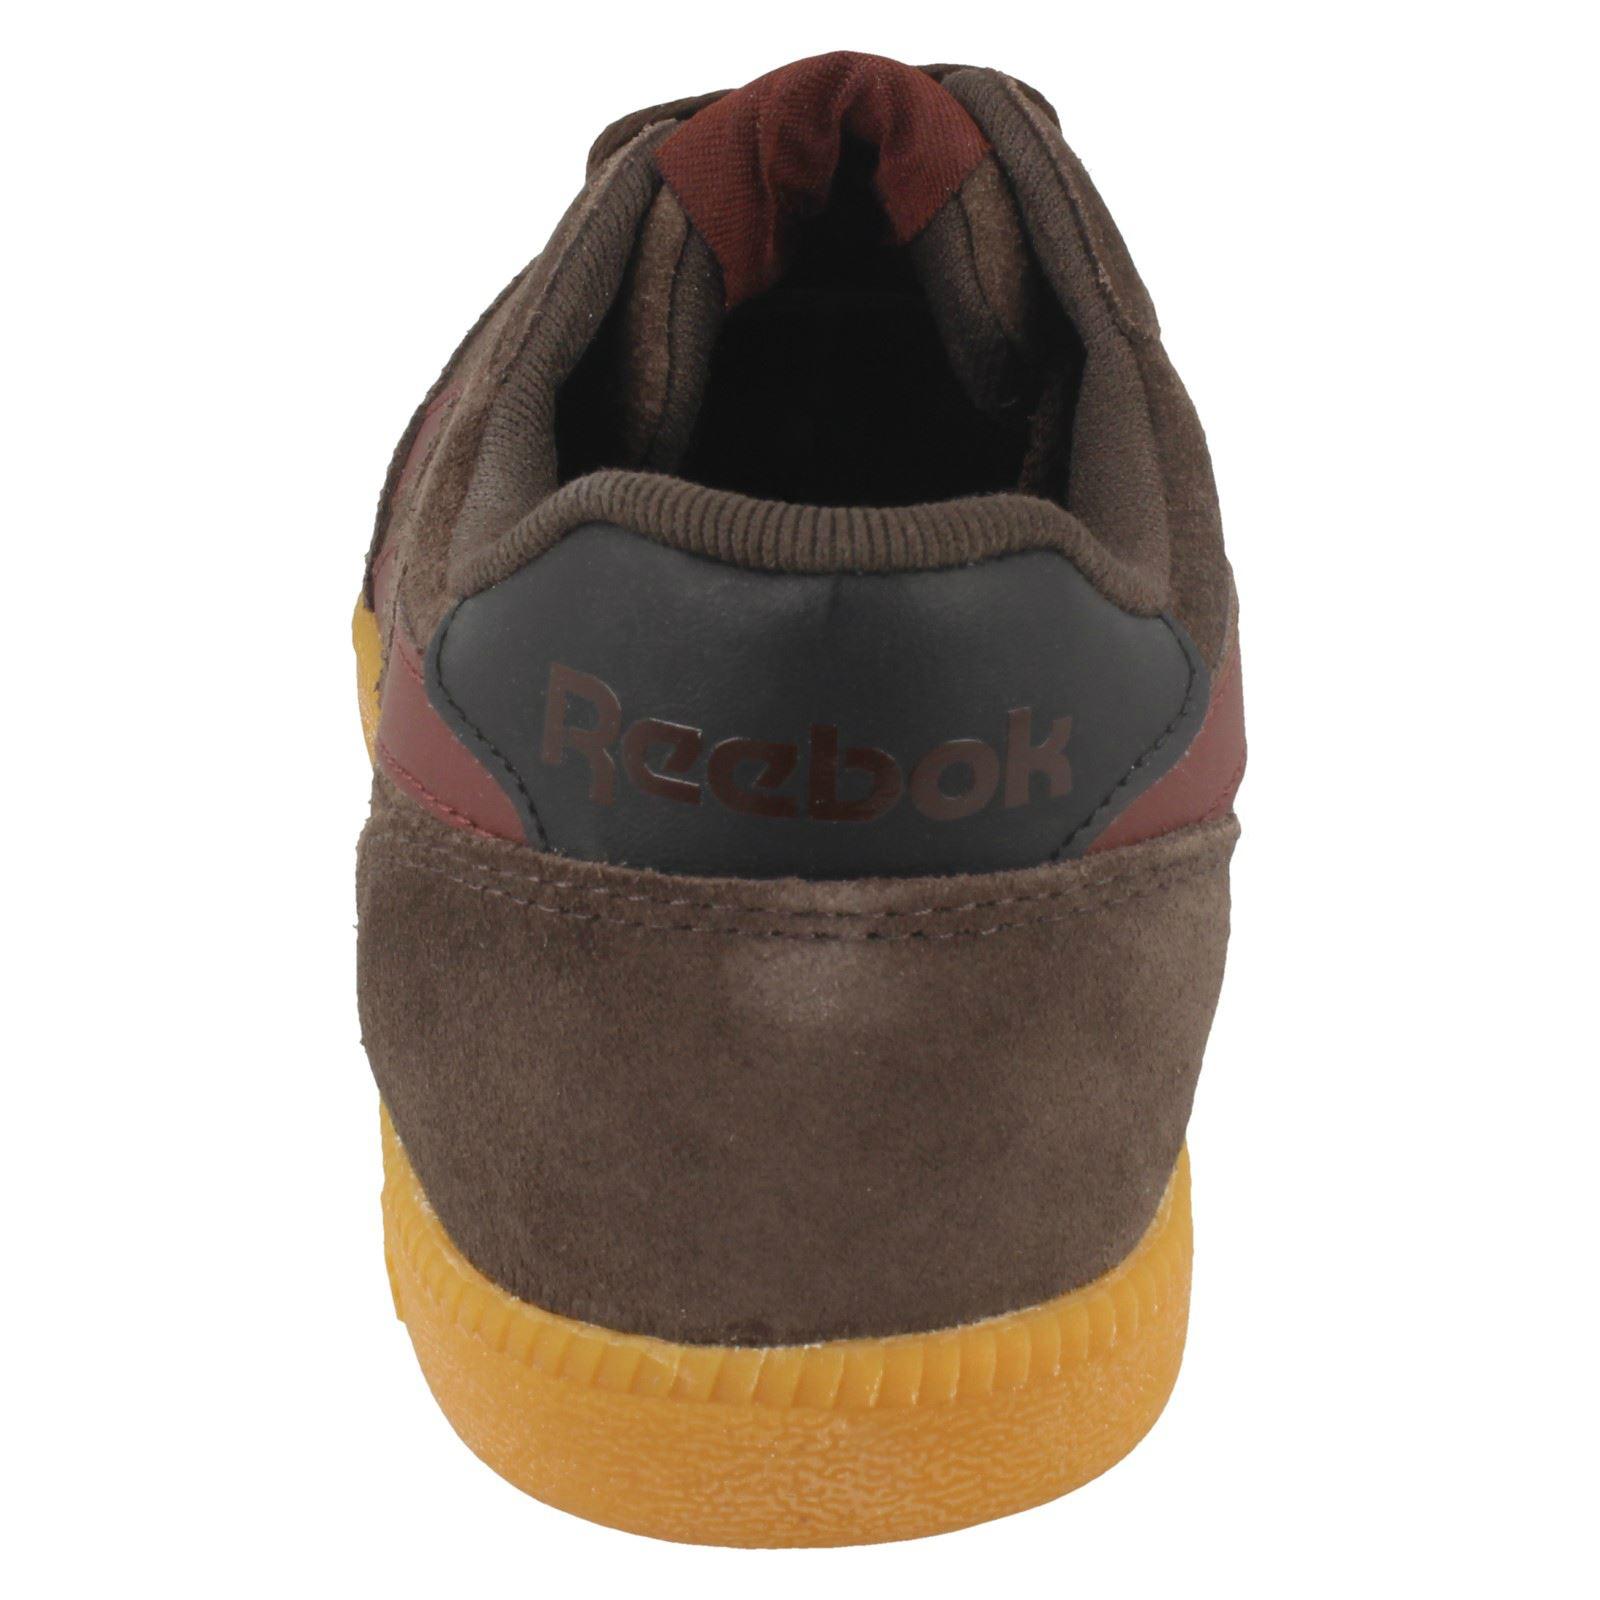 foncé 'cl femmes marron Reebok Vienna' pour brun femmes sport pour Chaussures de n6qXZXv